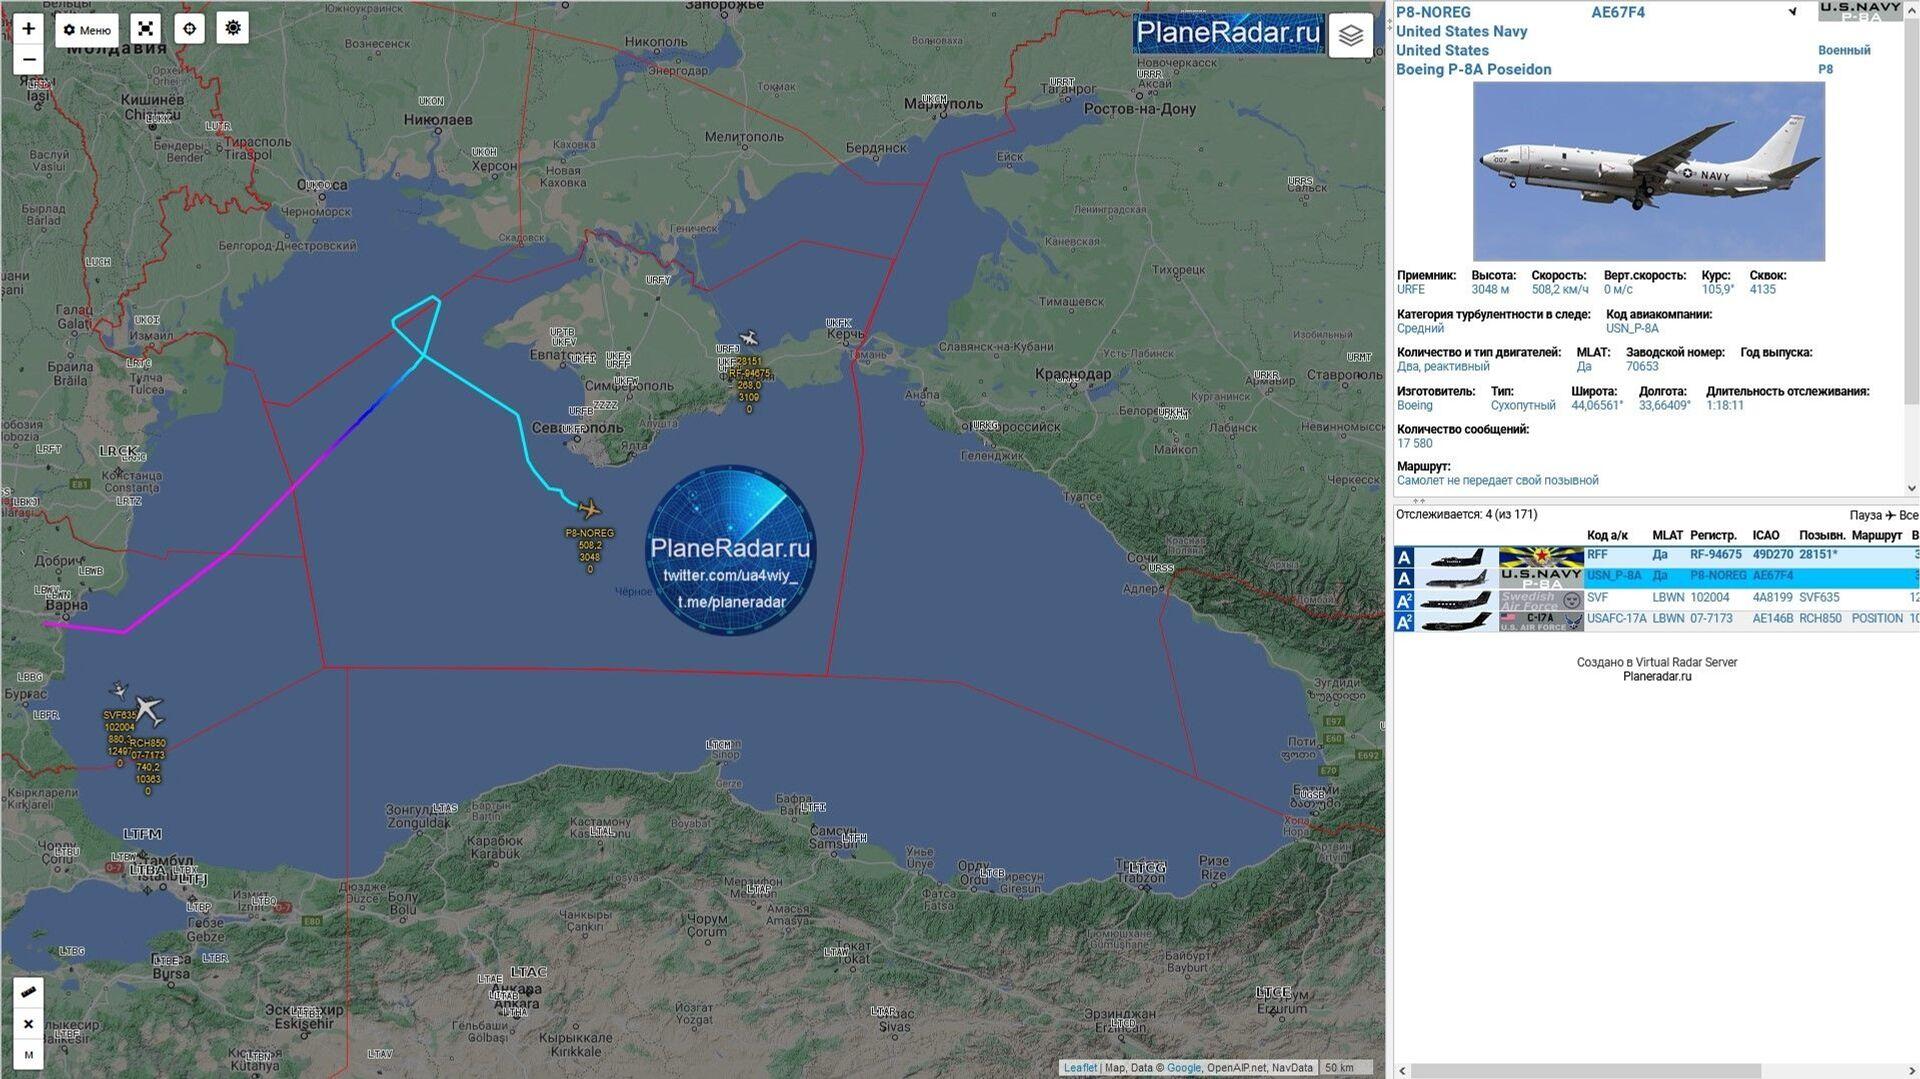 Il tracciato del volo del Boeing Usa sul sito PlaneRadar - Sputnik Italia, 1920, 18.05.2021